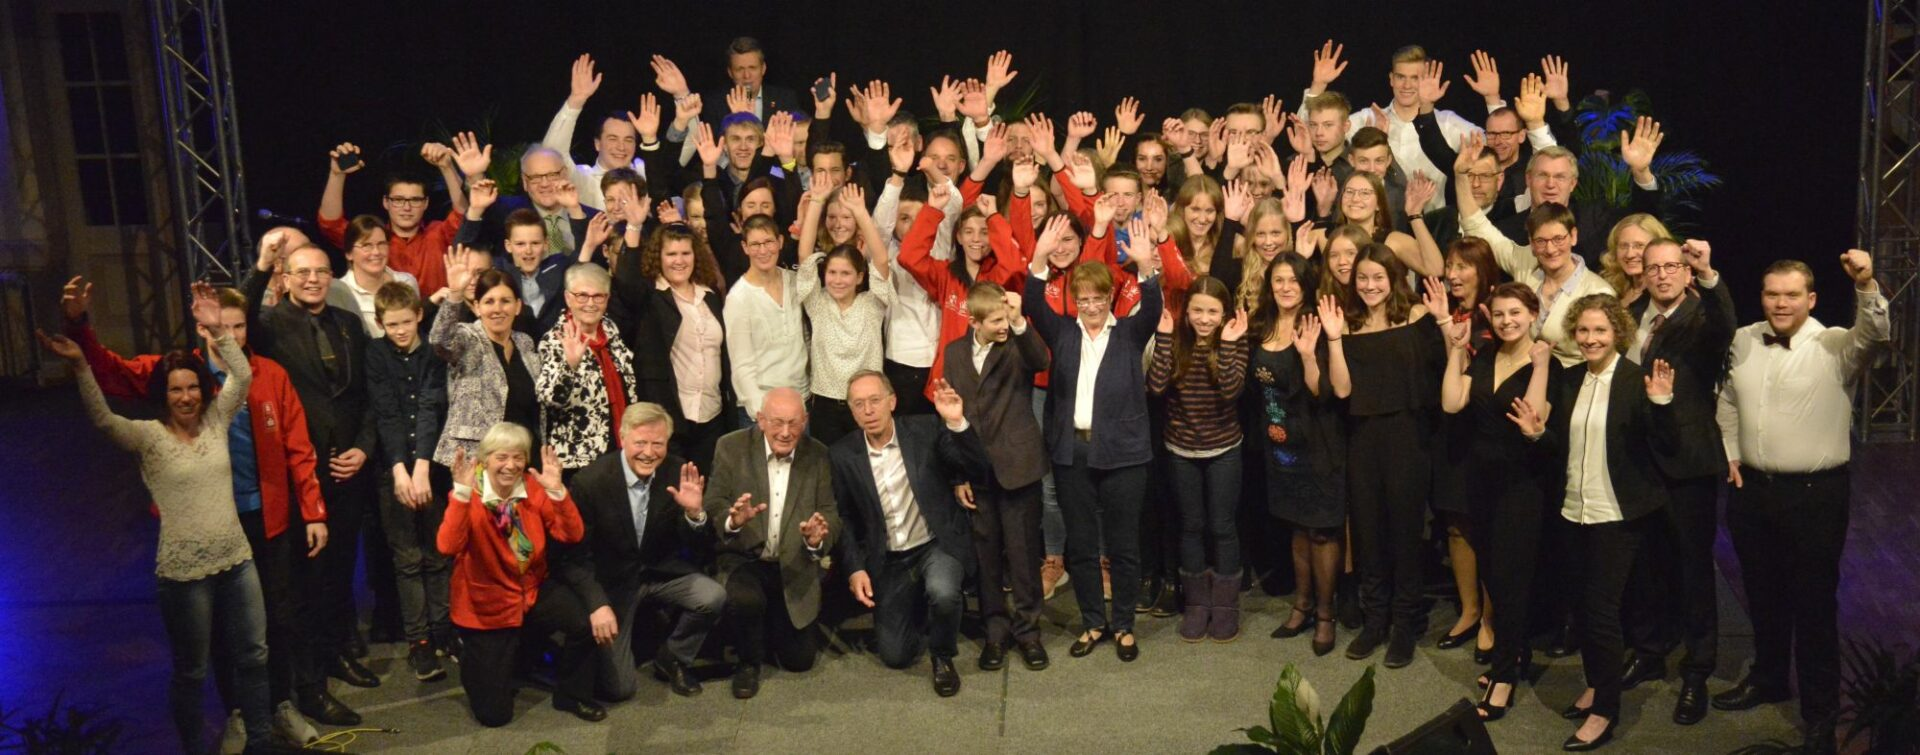 Sportlerehrung: Stadt Schwerte würdigt ihre Sportlerinnen und Sportler